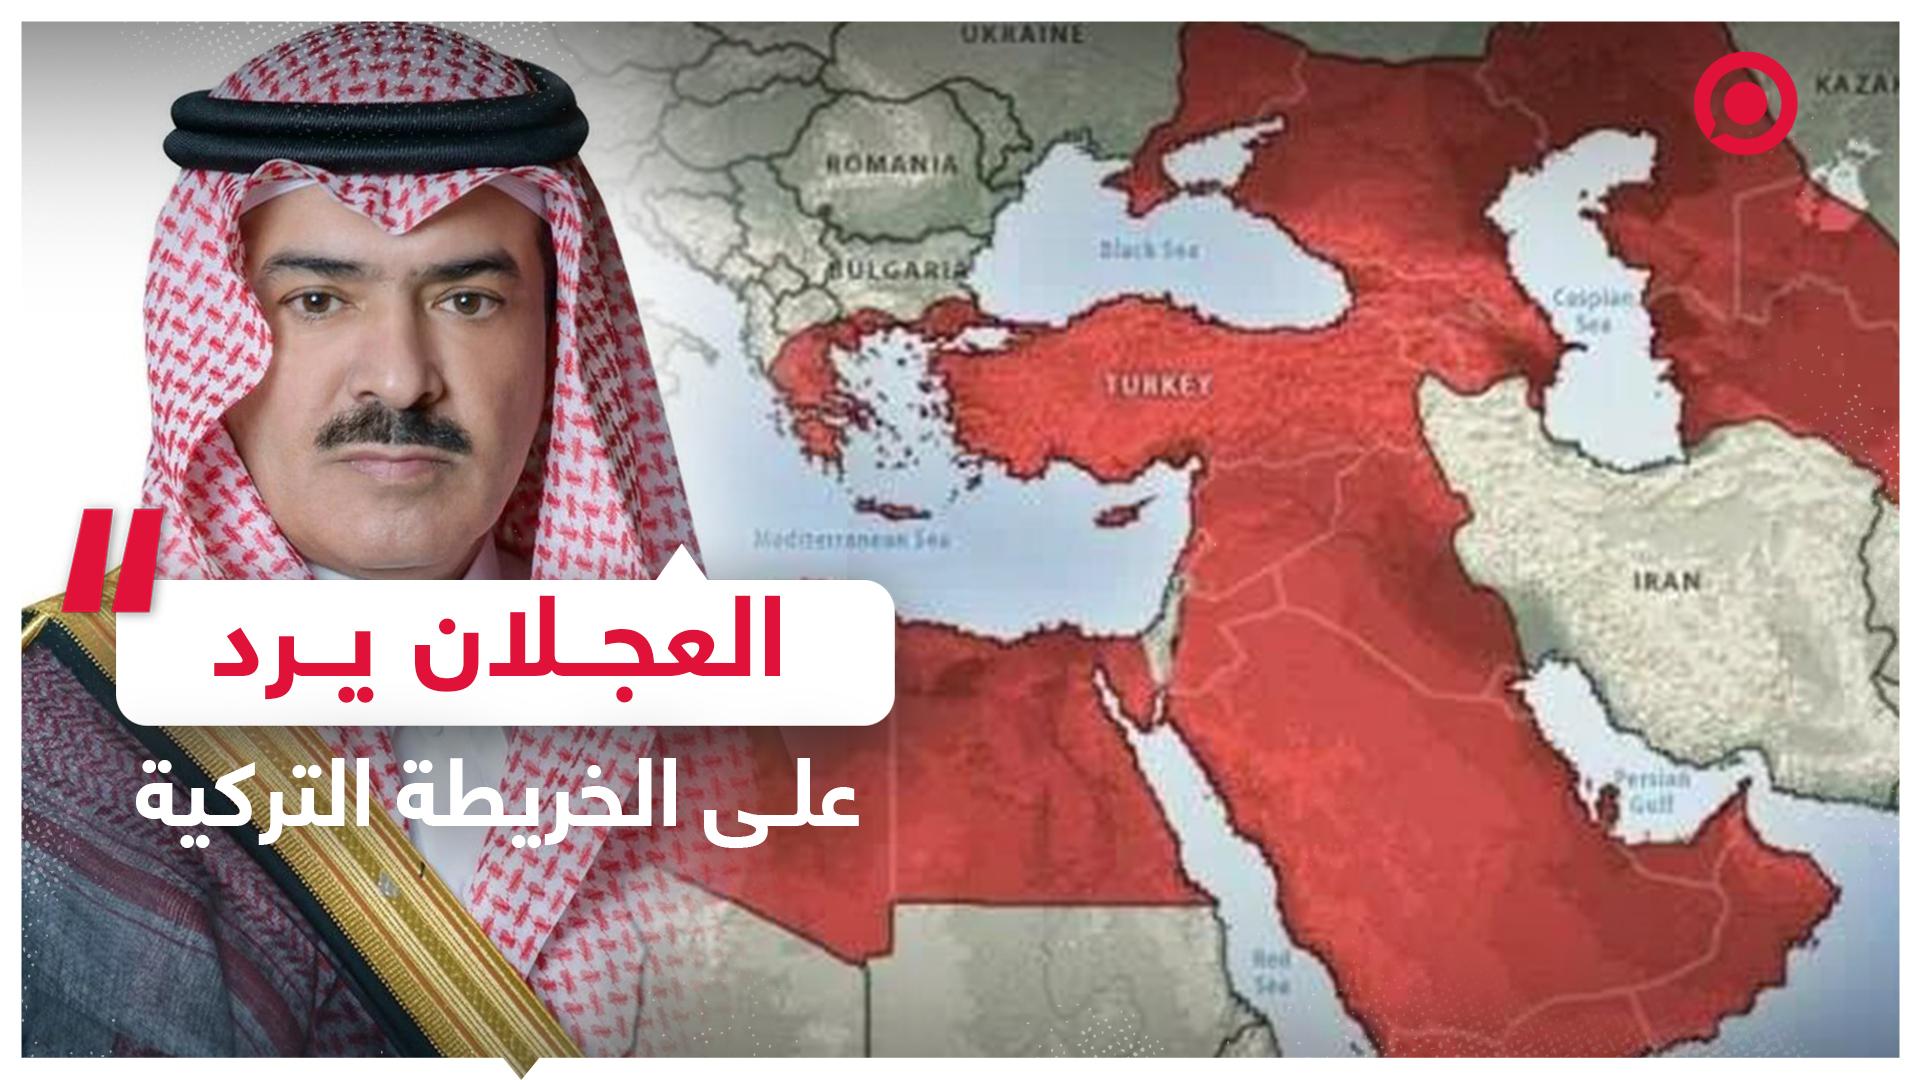 #تركيا #السعودية #خريطة_تركيا_2050 #قناة_تركية